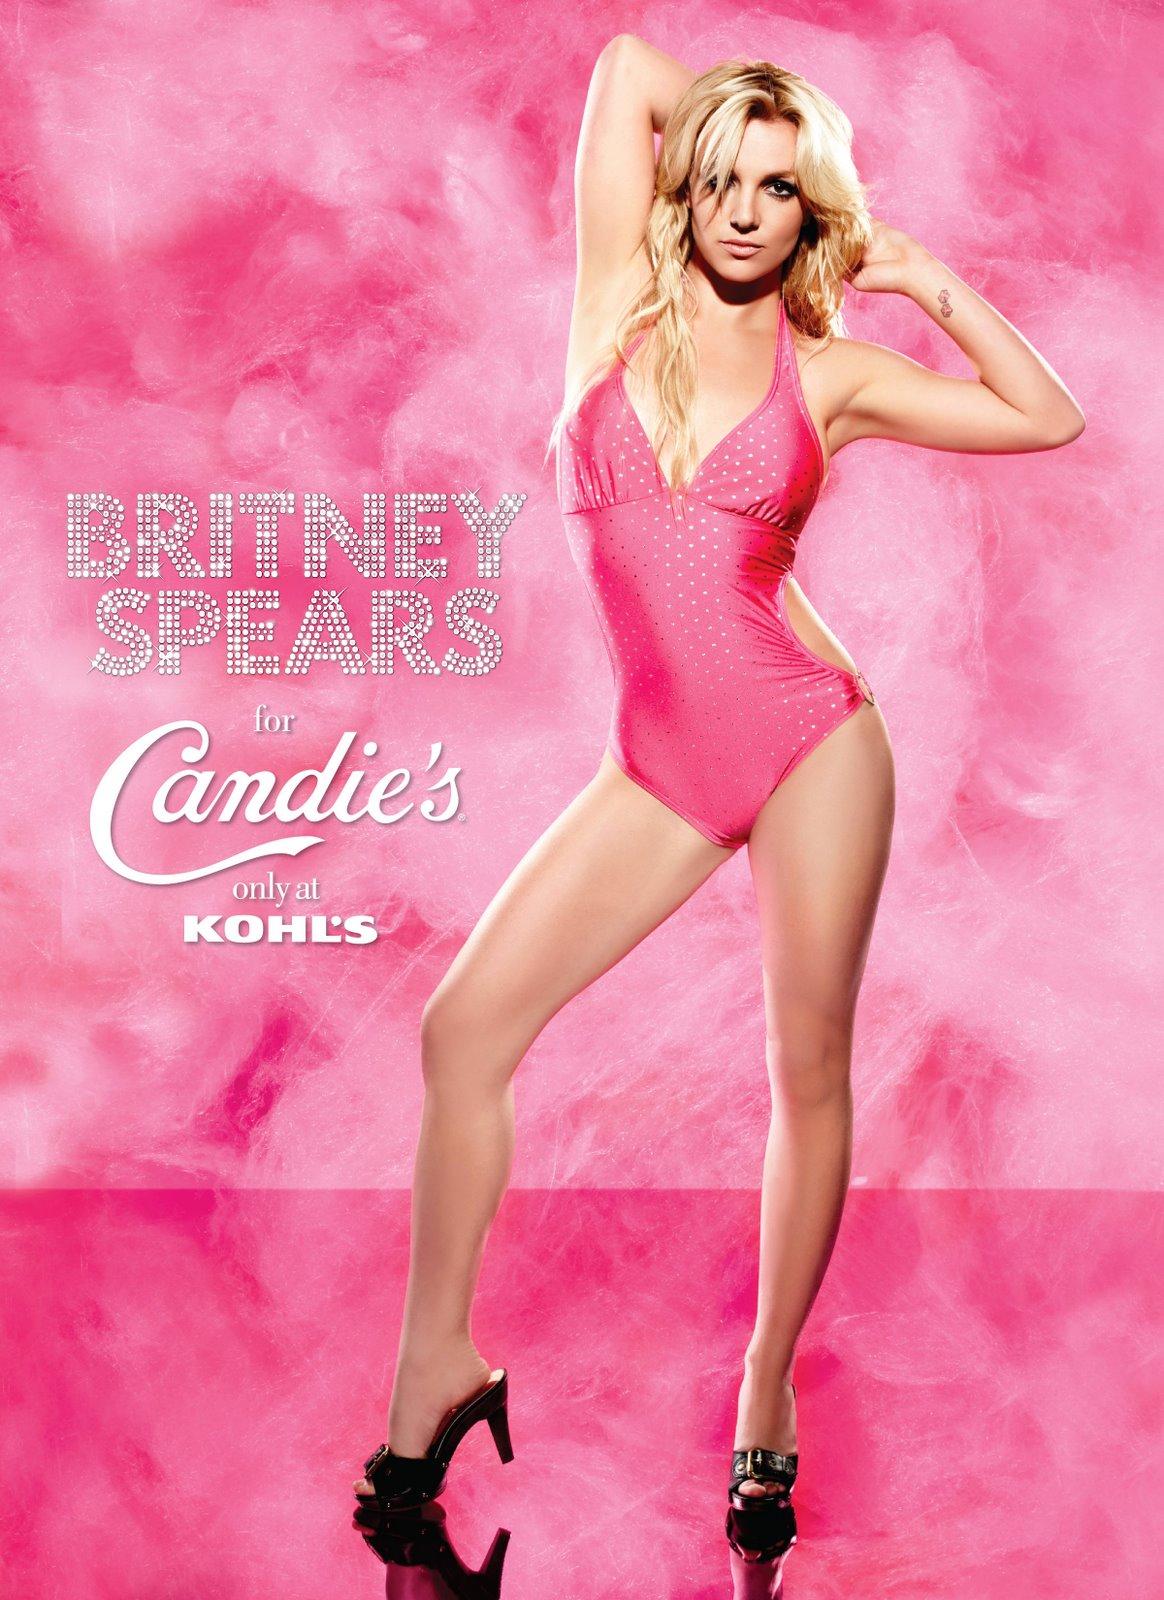 britney-candies-kohls.jpg